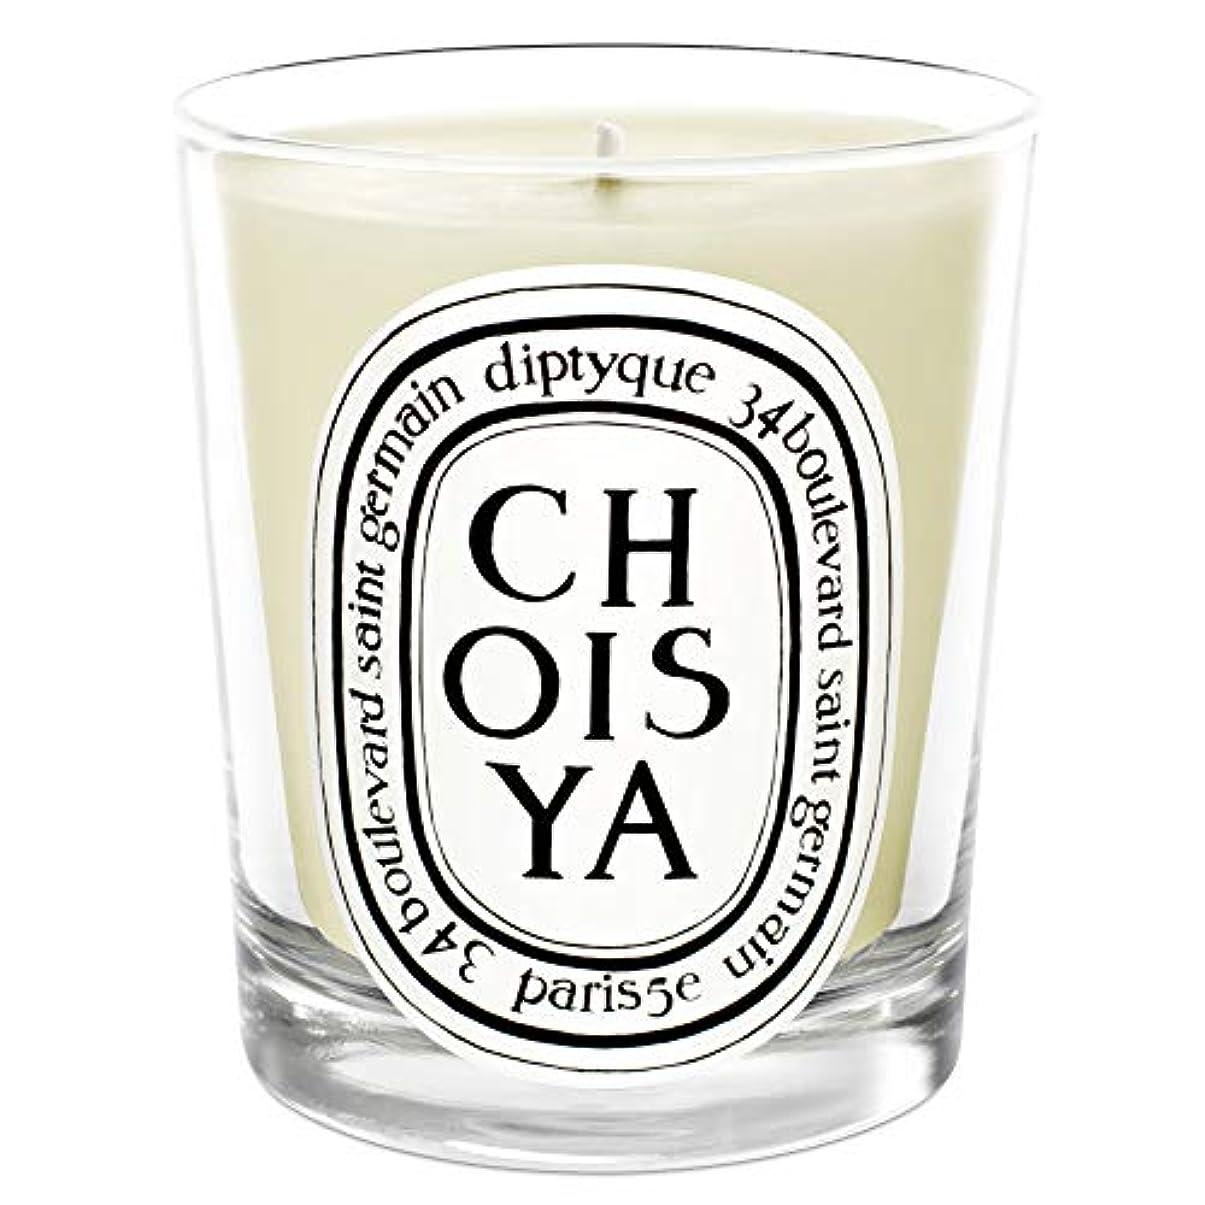 医薬ラベ軽蔑する[Diptyque] Diptyque Choisya香りのキャンドル190グラム - Diptyque Choisya Scented Candle 190g [並行輸入品]